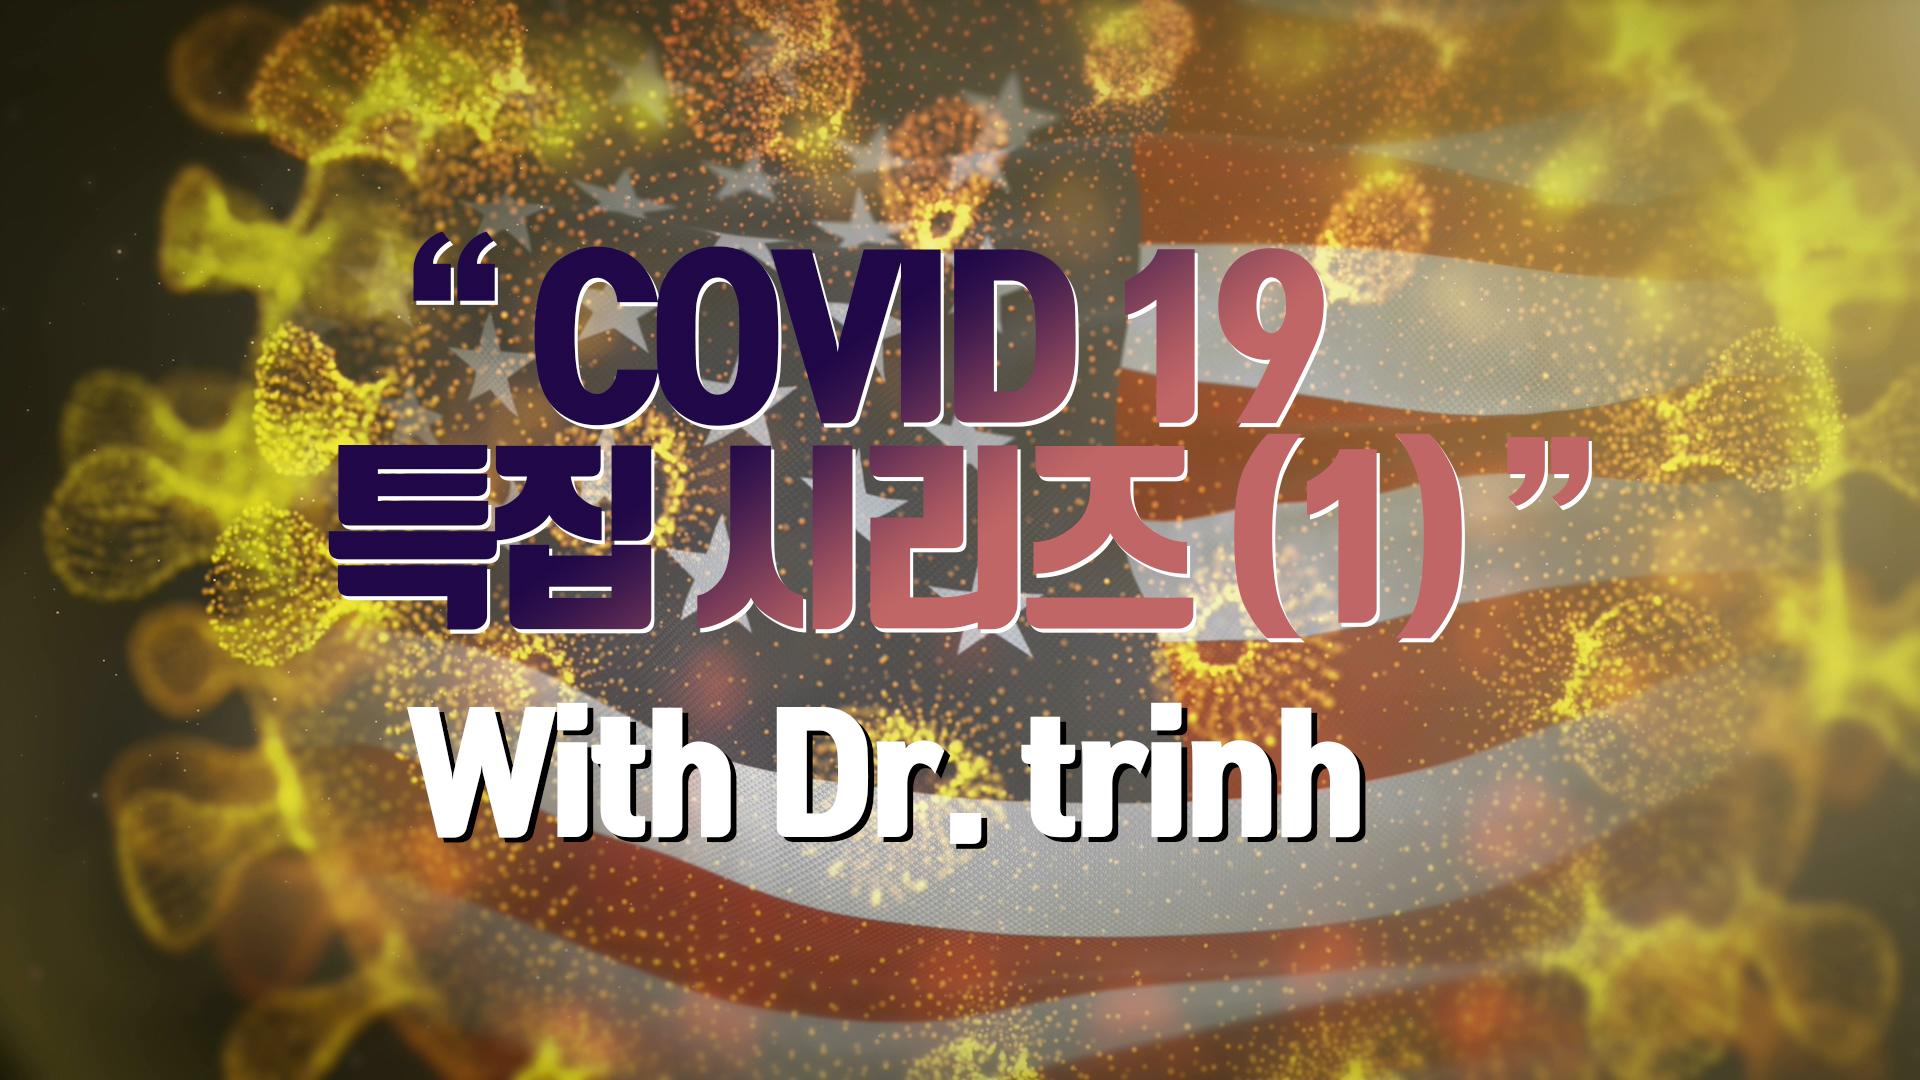 COVID-19 팬데믹 상황에서의 소망 활동